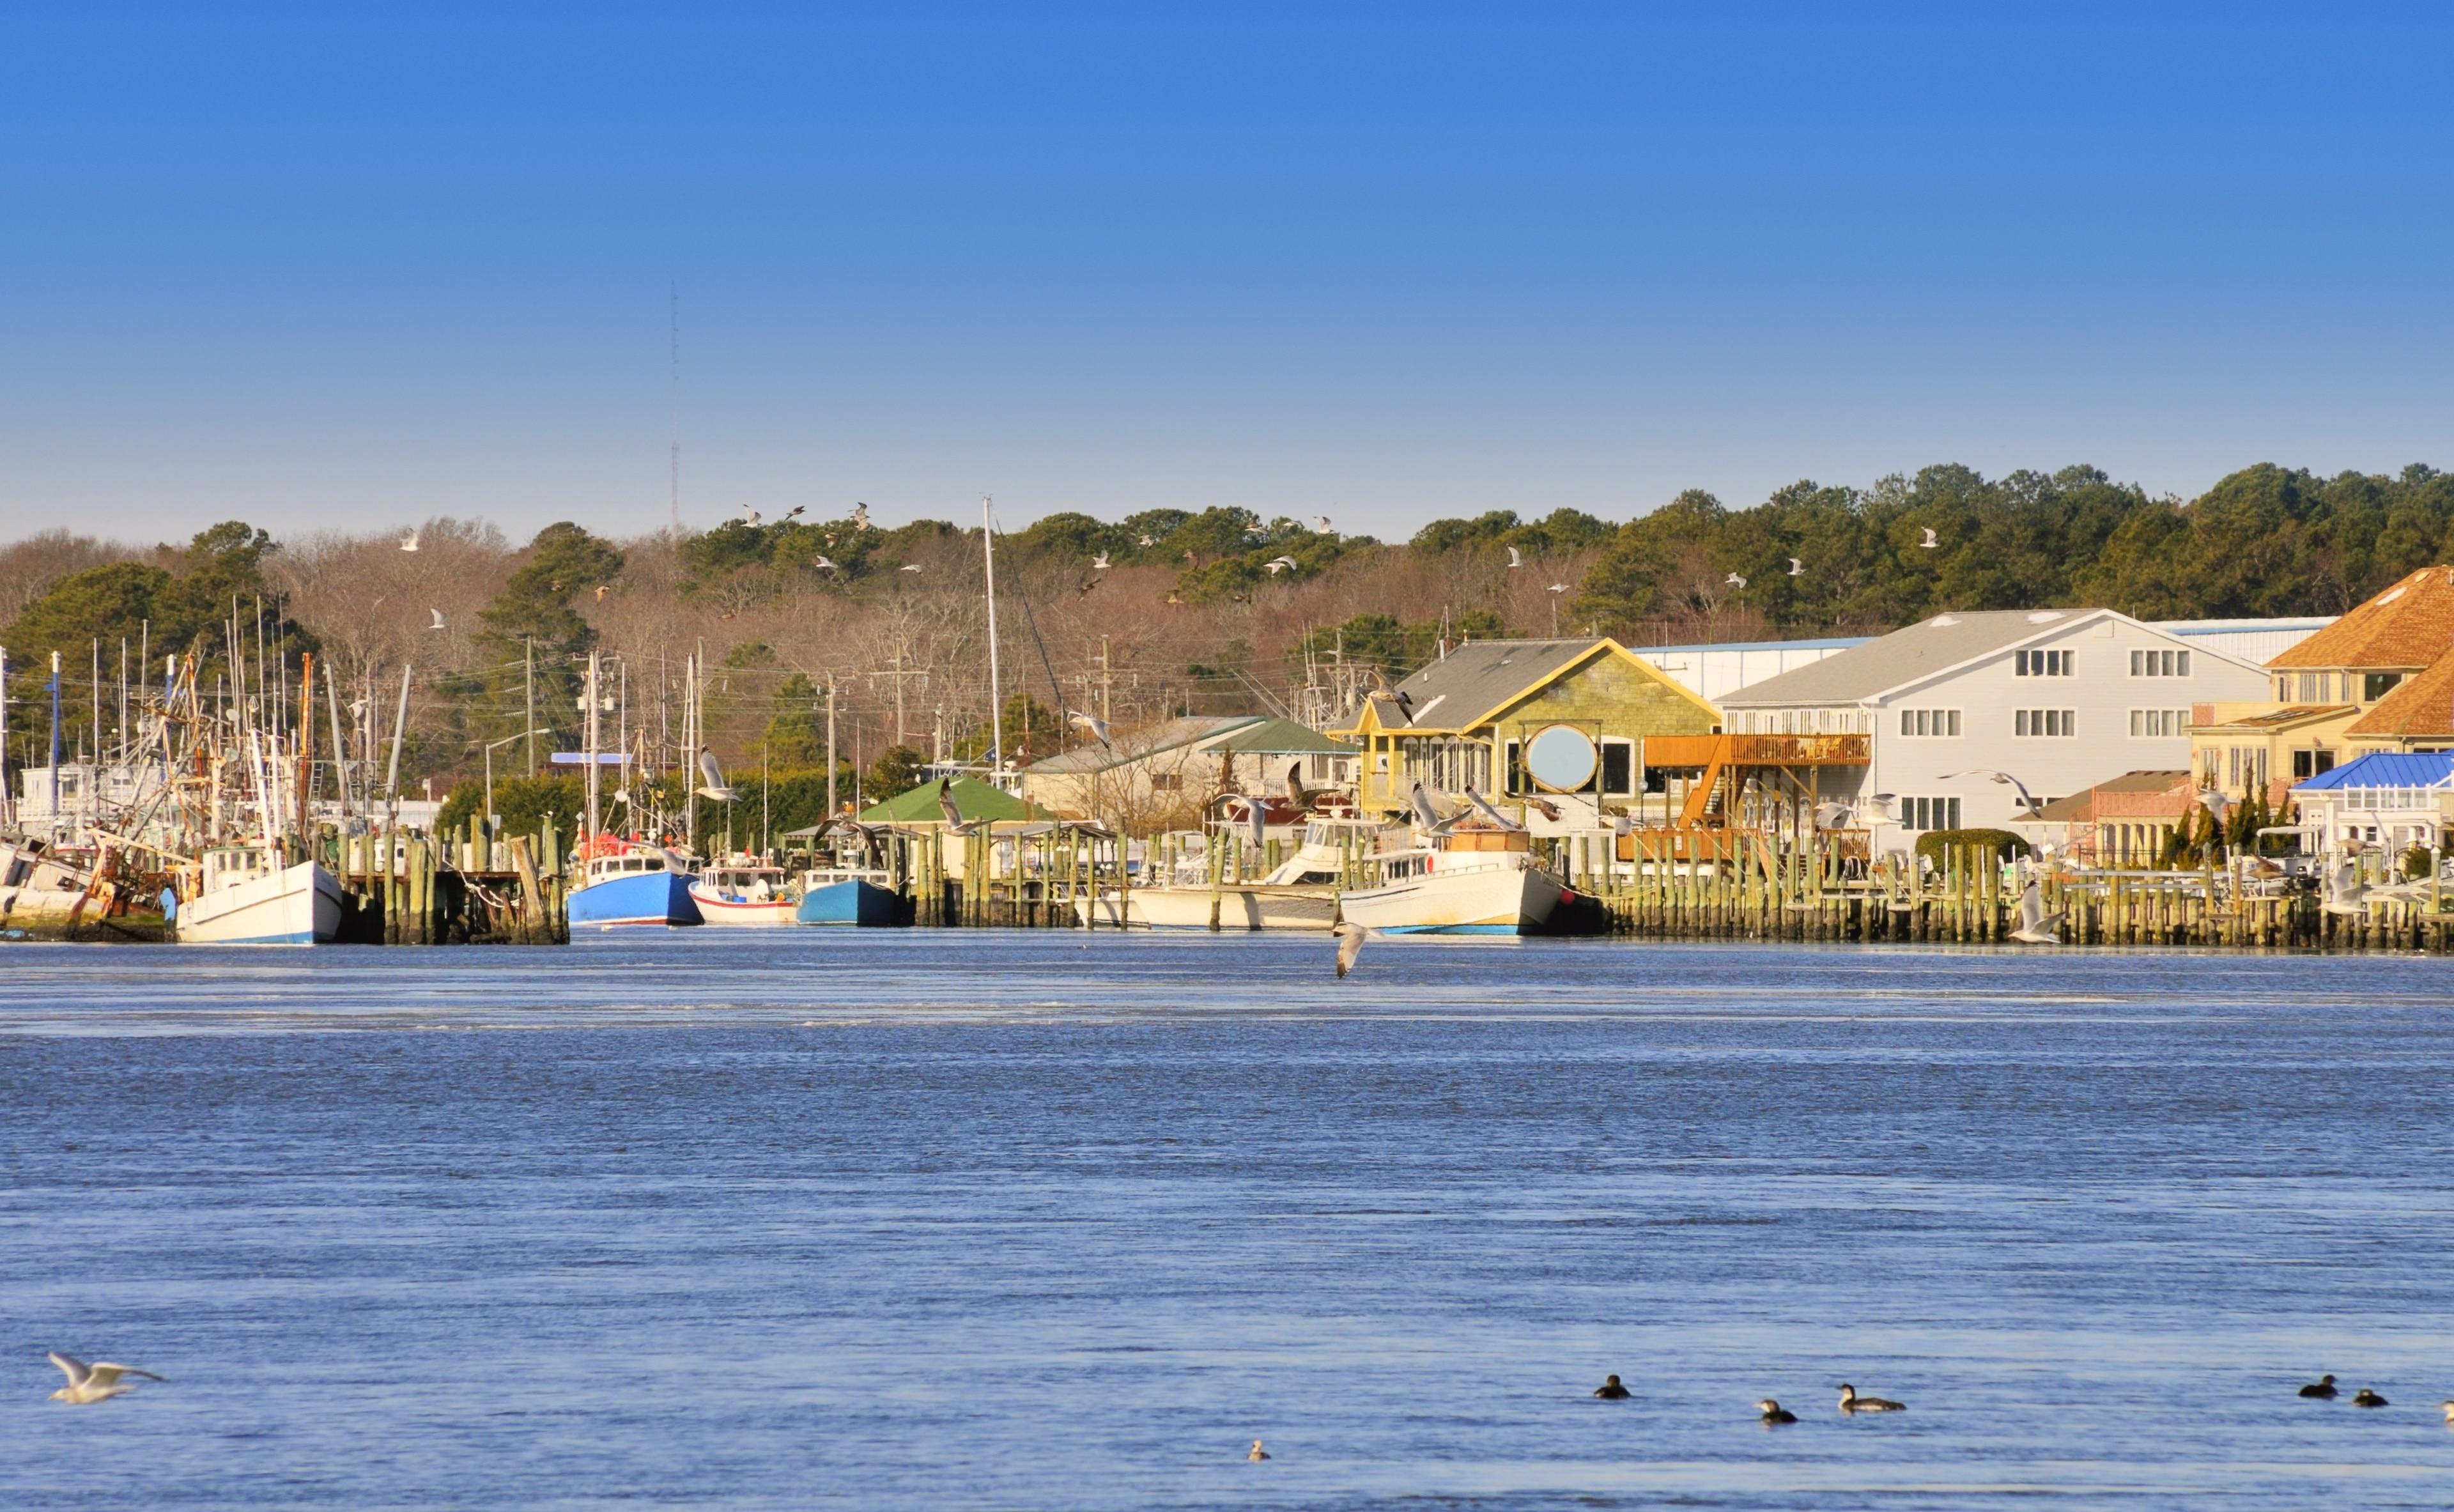 Ocean City Harbor, Ocean City, Maryland, Verenigde Staten